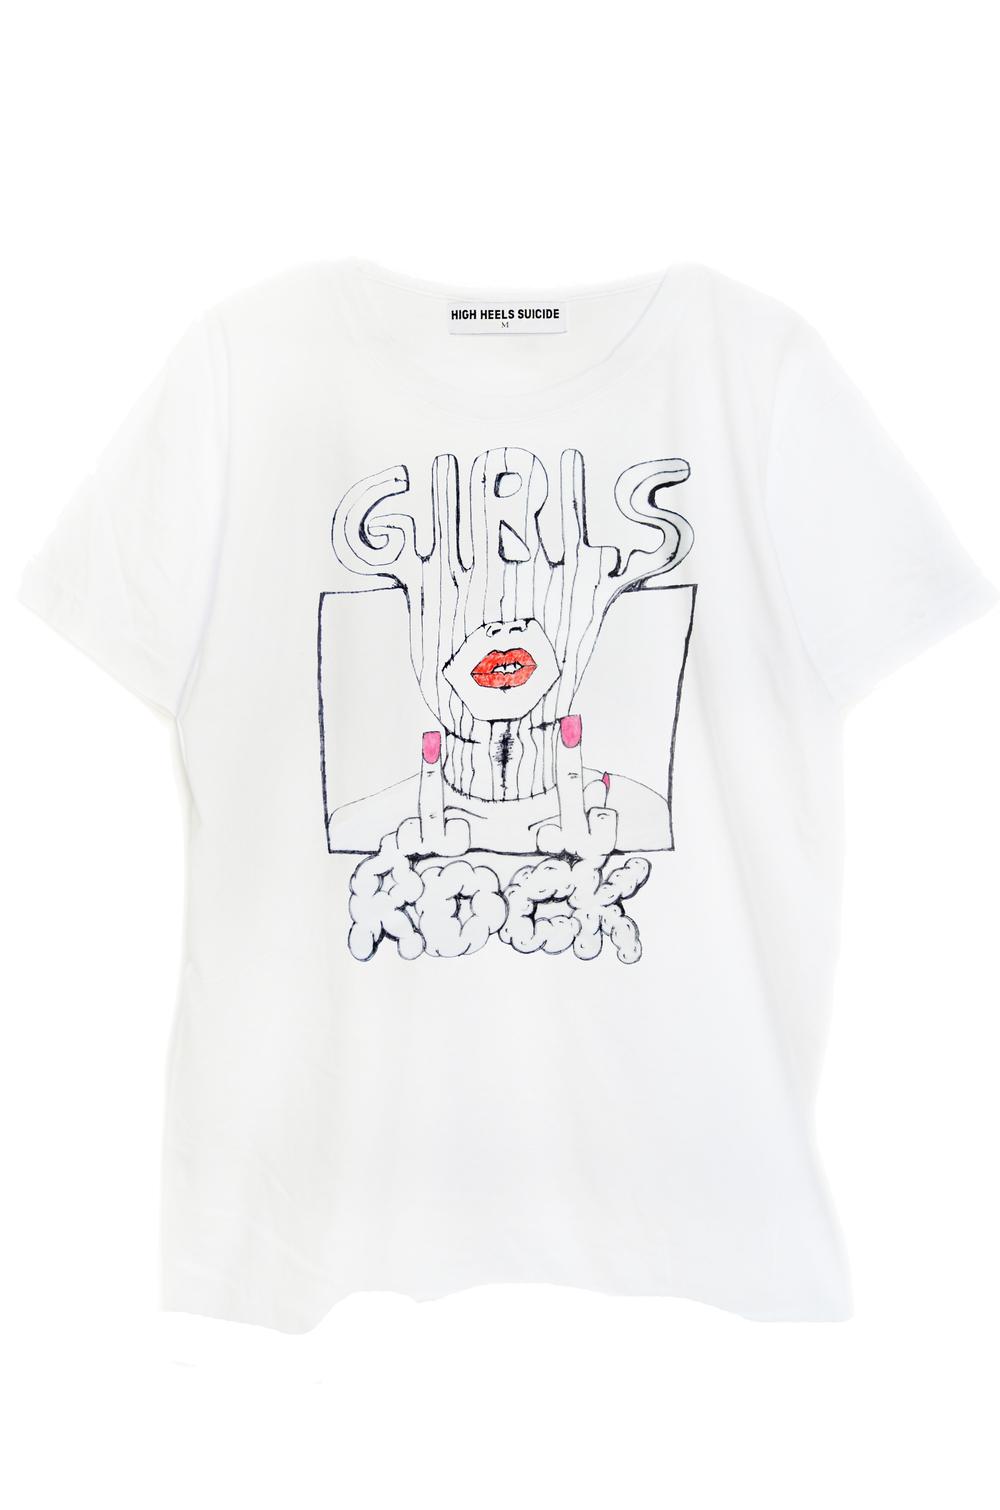 tshirt girls rock_high heels suicide.jpg